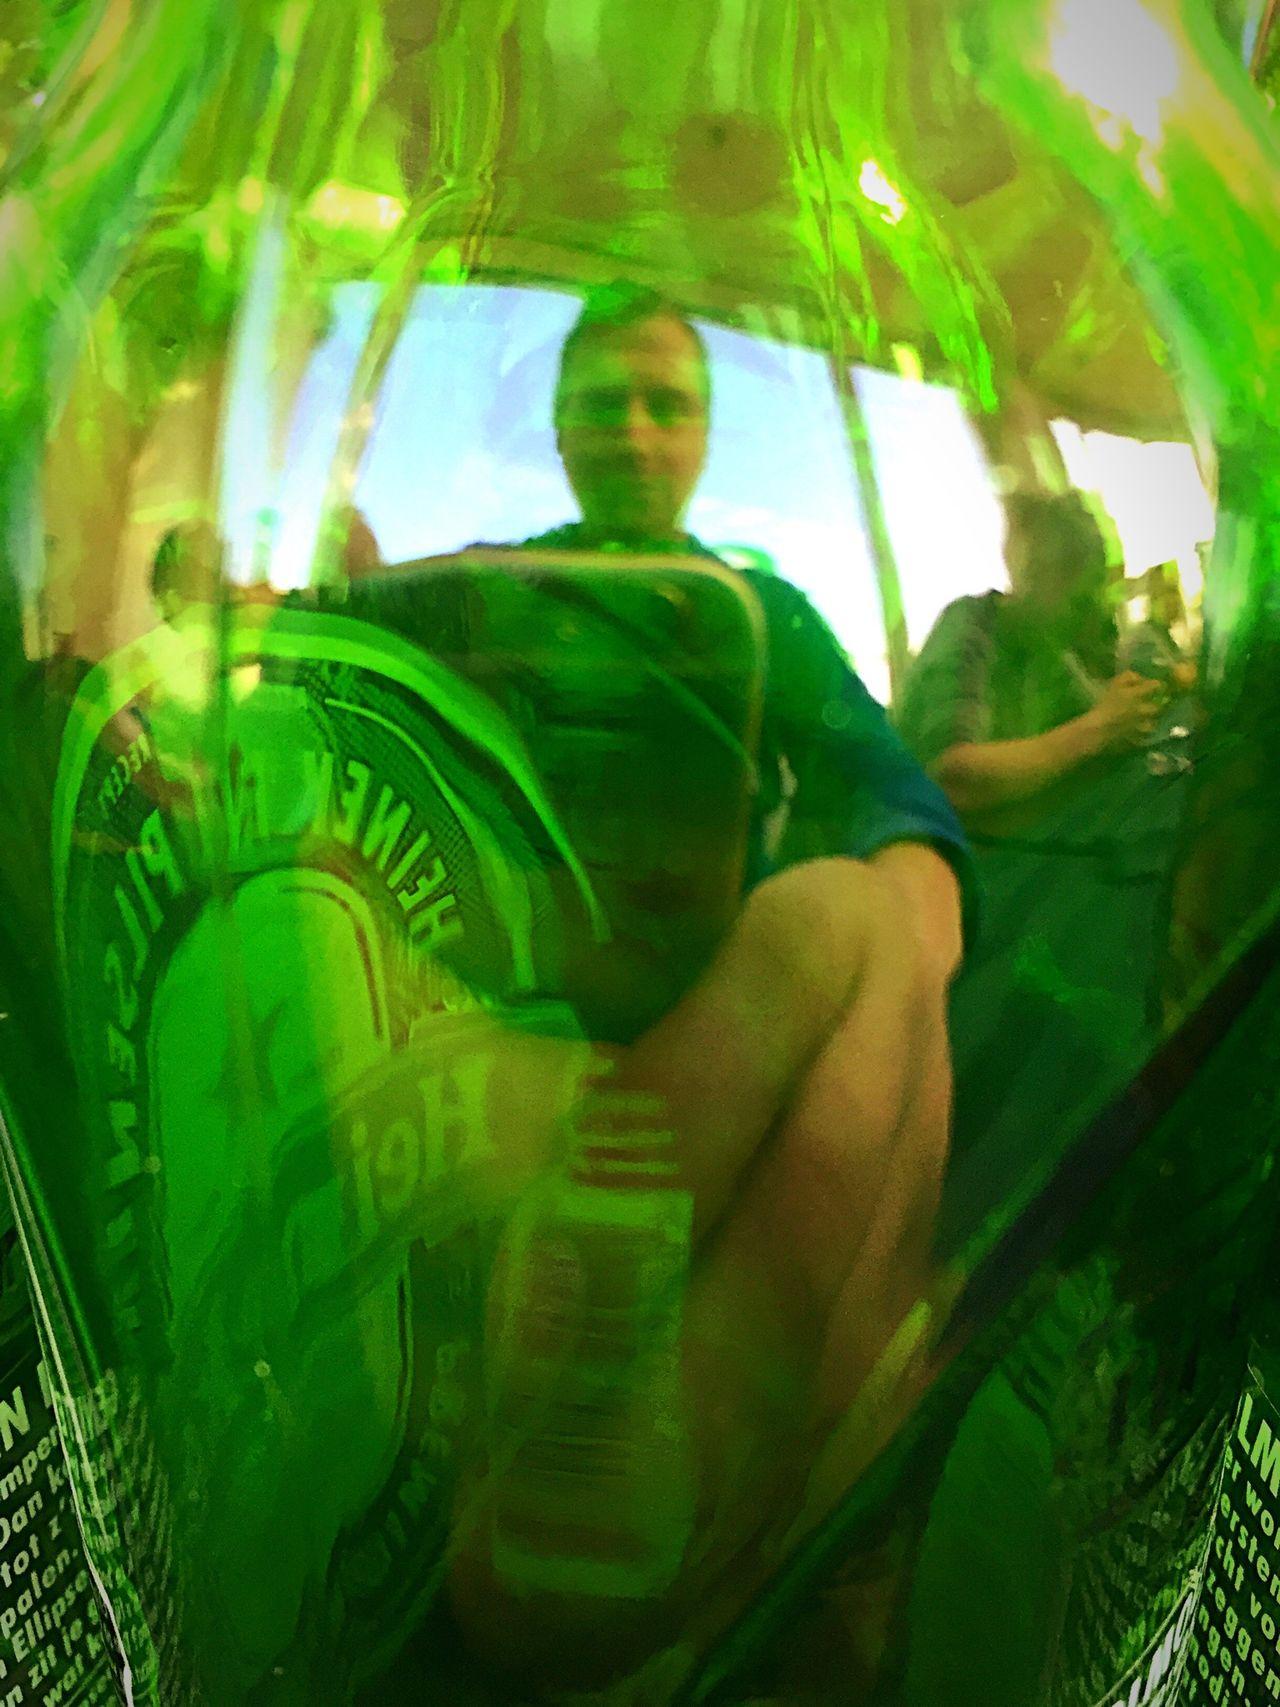 Beer Beer Time Beerporn Beer O'clock Selfies That's Me Hanging Out Green Heineken Dutch Cheese! Hanging Out BeerSelfie